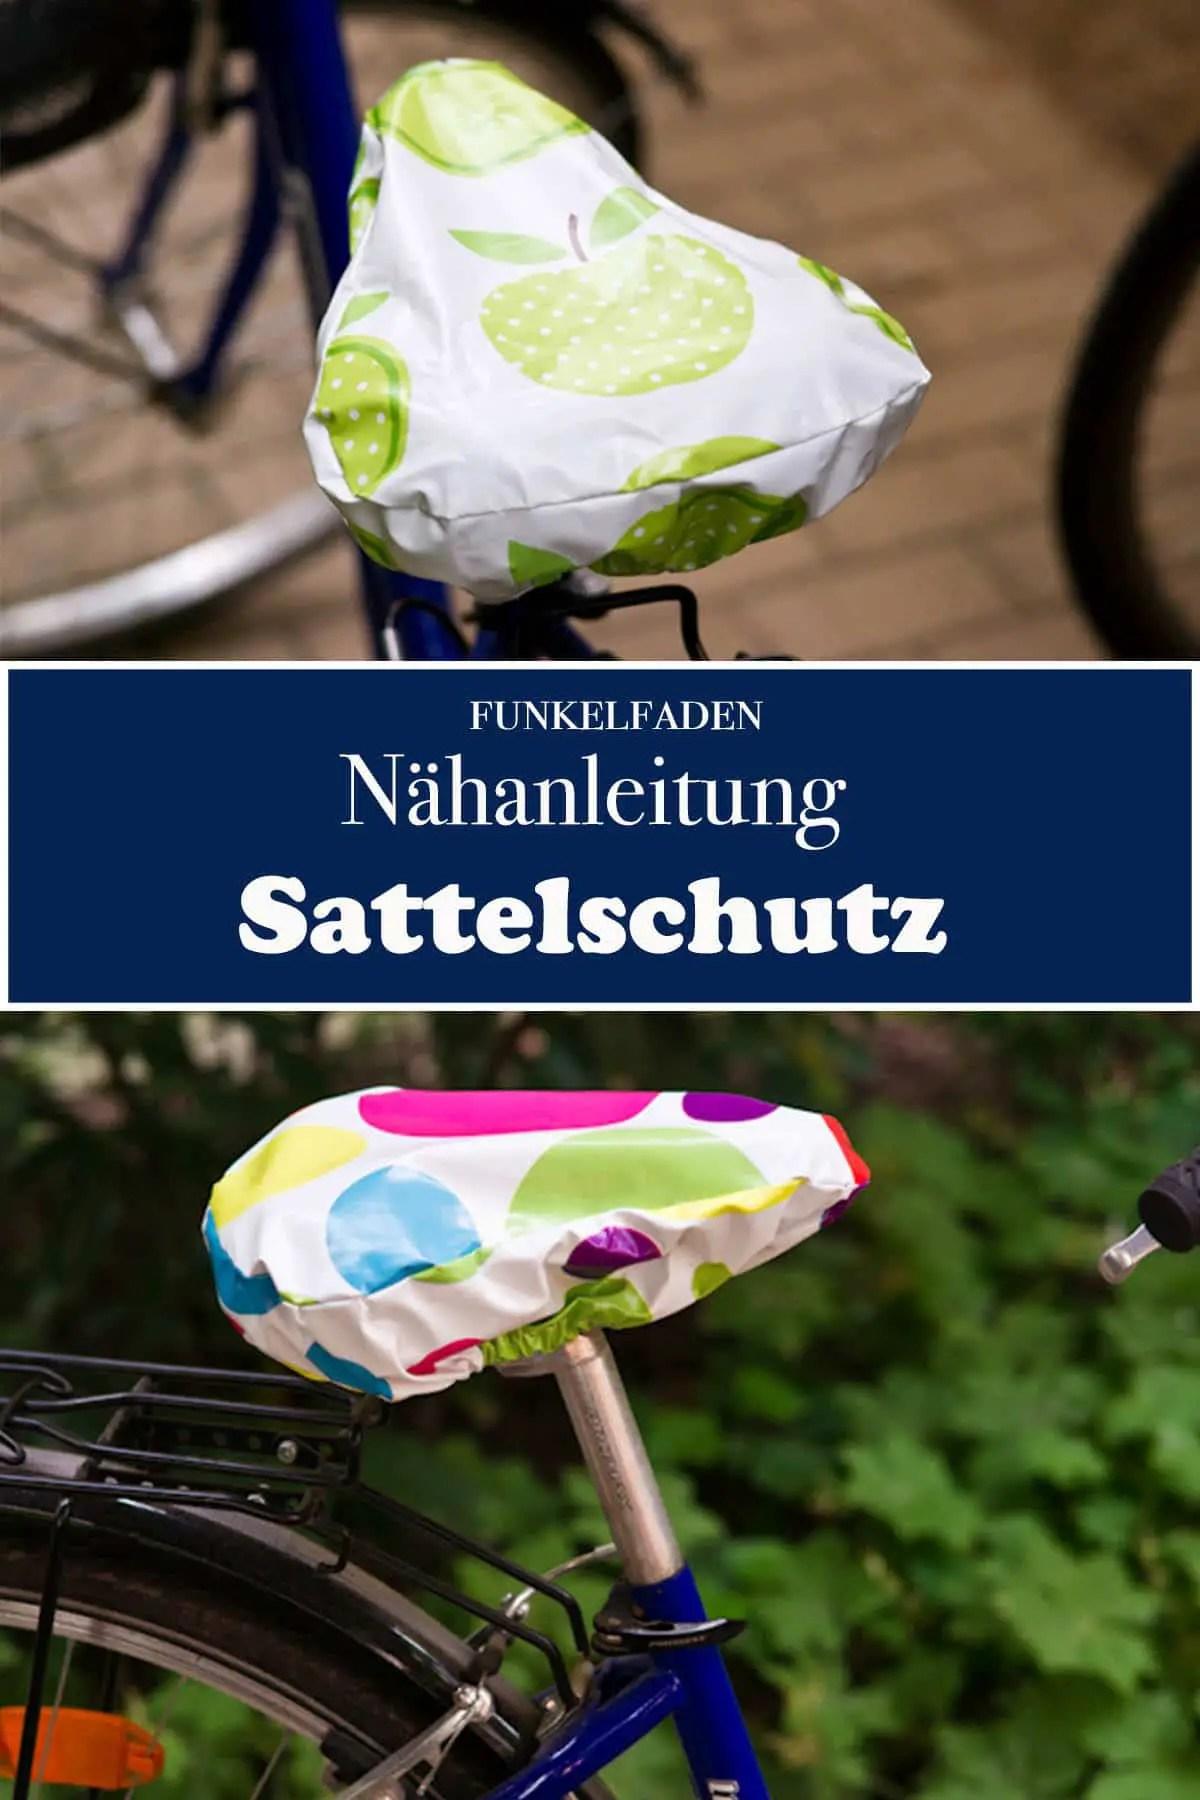 Nähanleitung Sattelschutz fürs Fahrrad